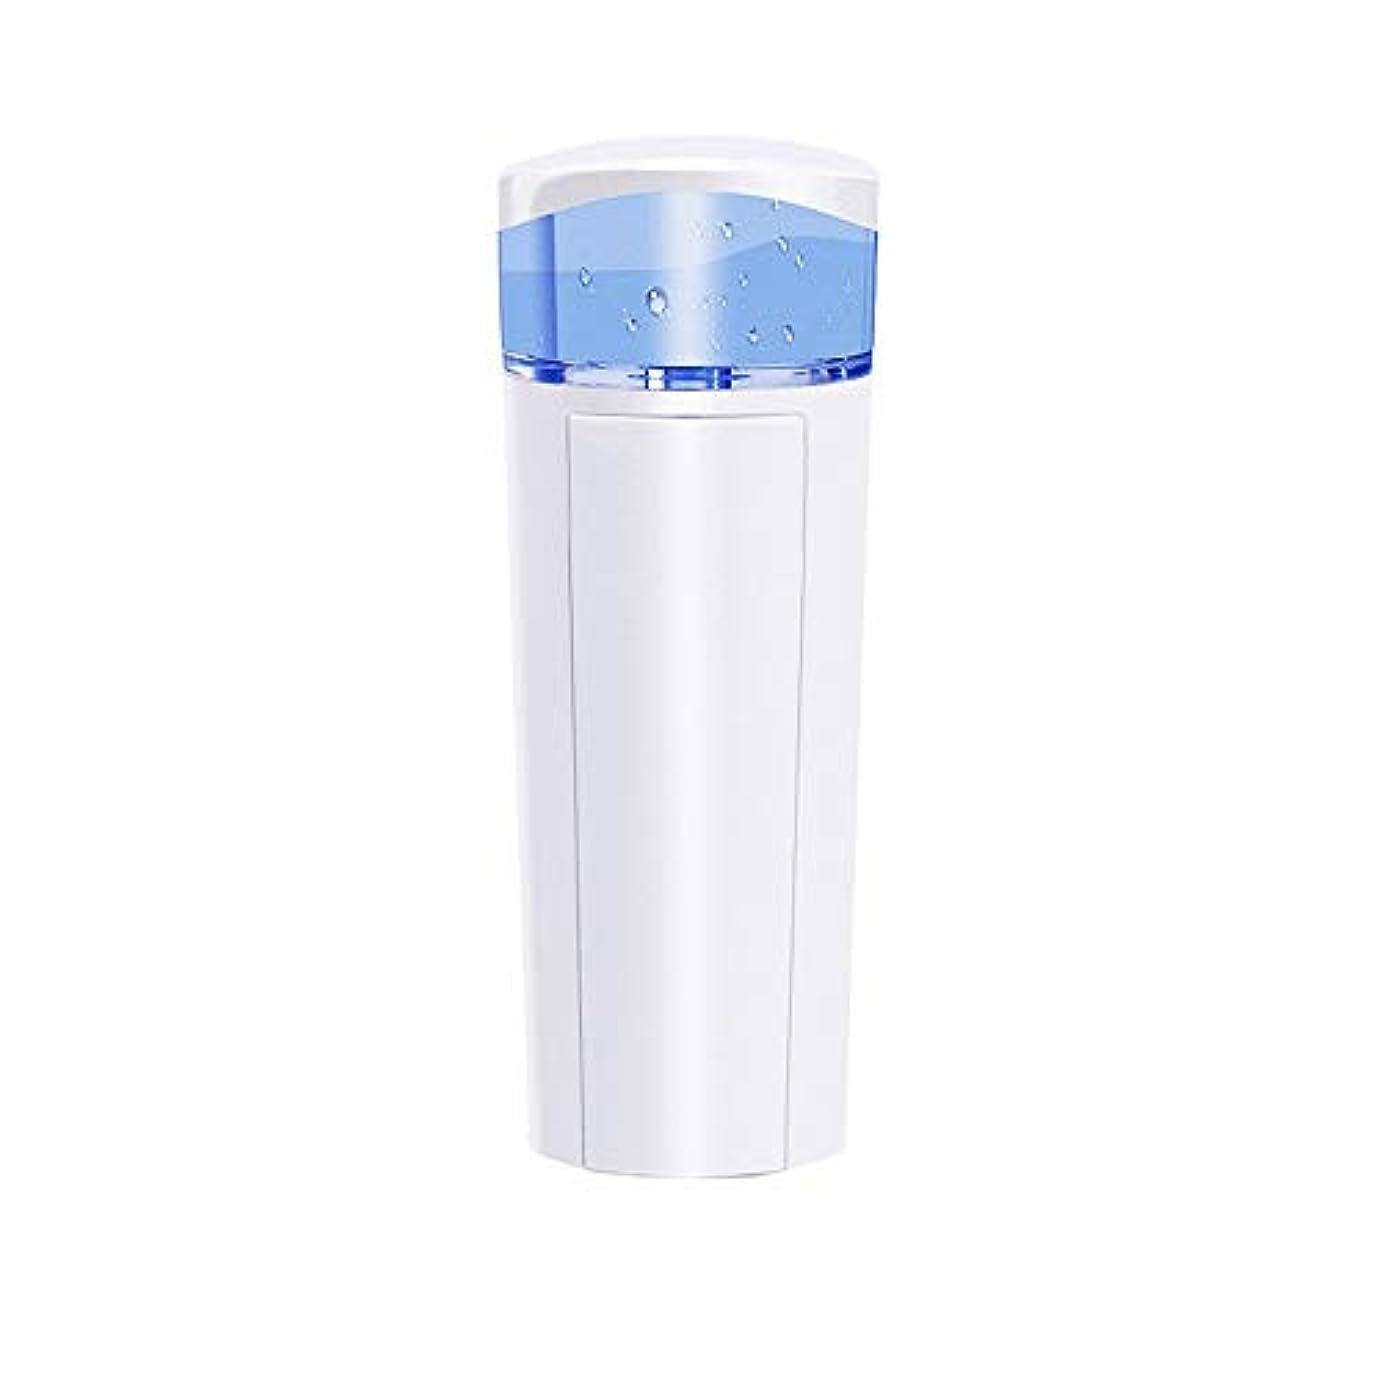 ボウリング承認する居住者ZXF 充電宝物機能付き新しいナノ水道メータースプレー美容機器ABS素材ホワイト 滑らかである